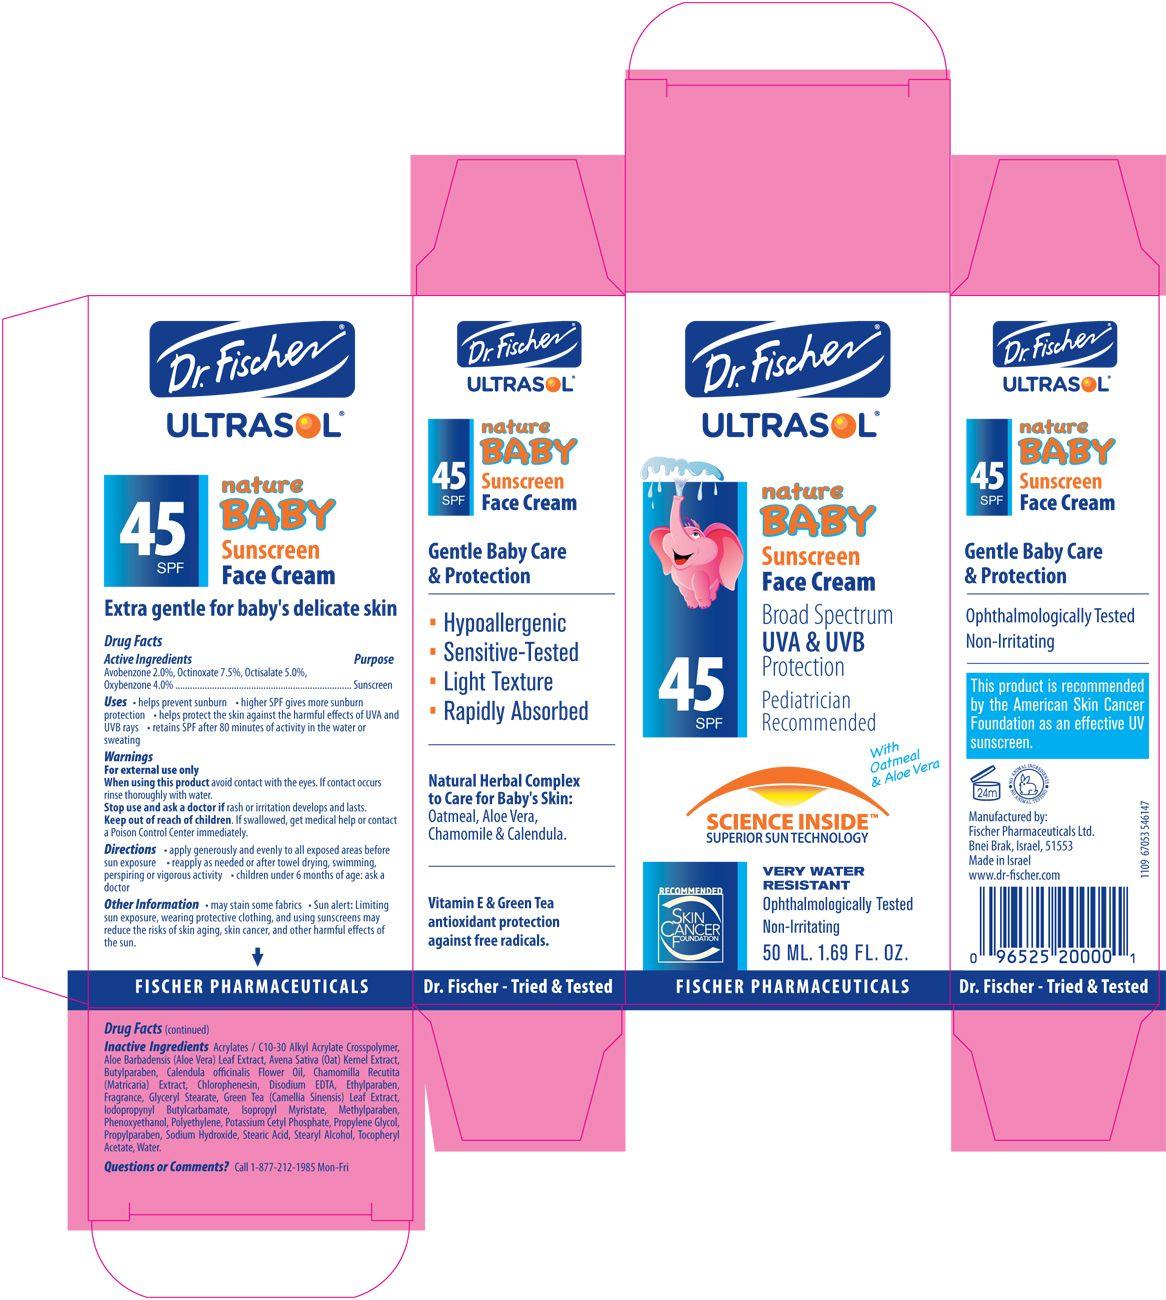 http://drugs.com/otc/101352/ultrasolsunscreen-nature-baby-sunscreen-face-cream-spf-45.html